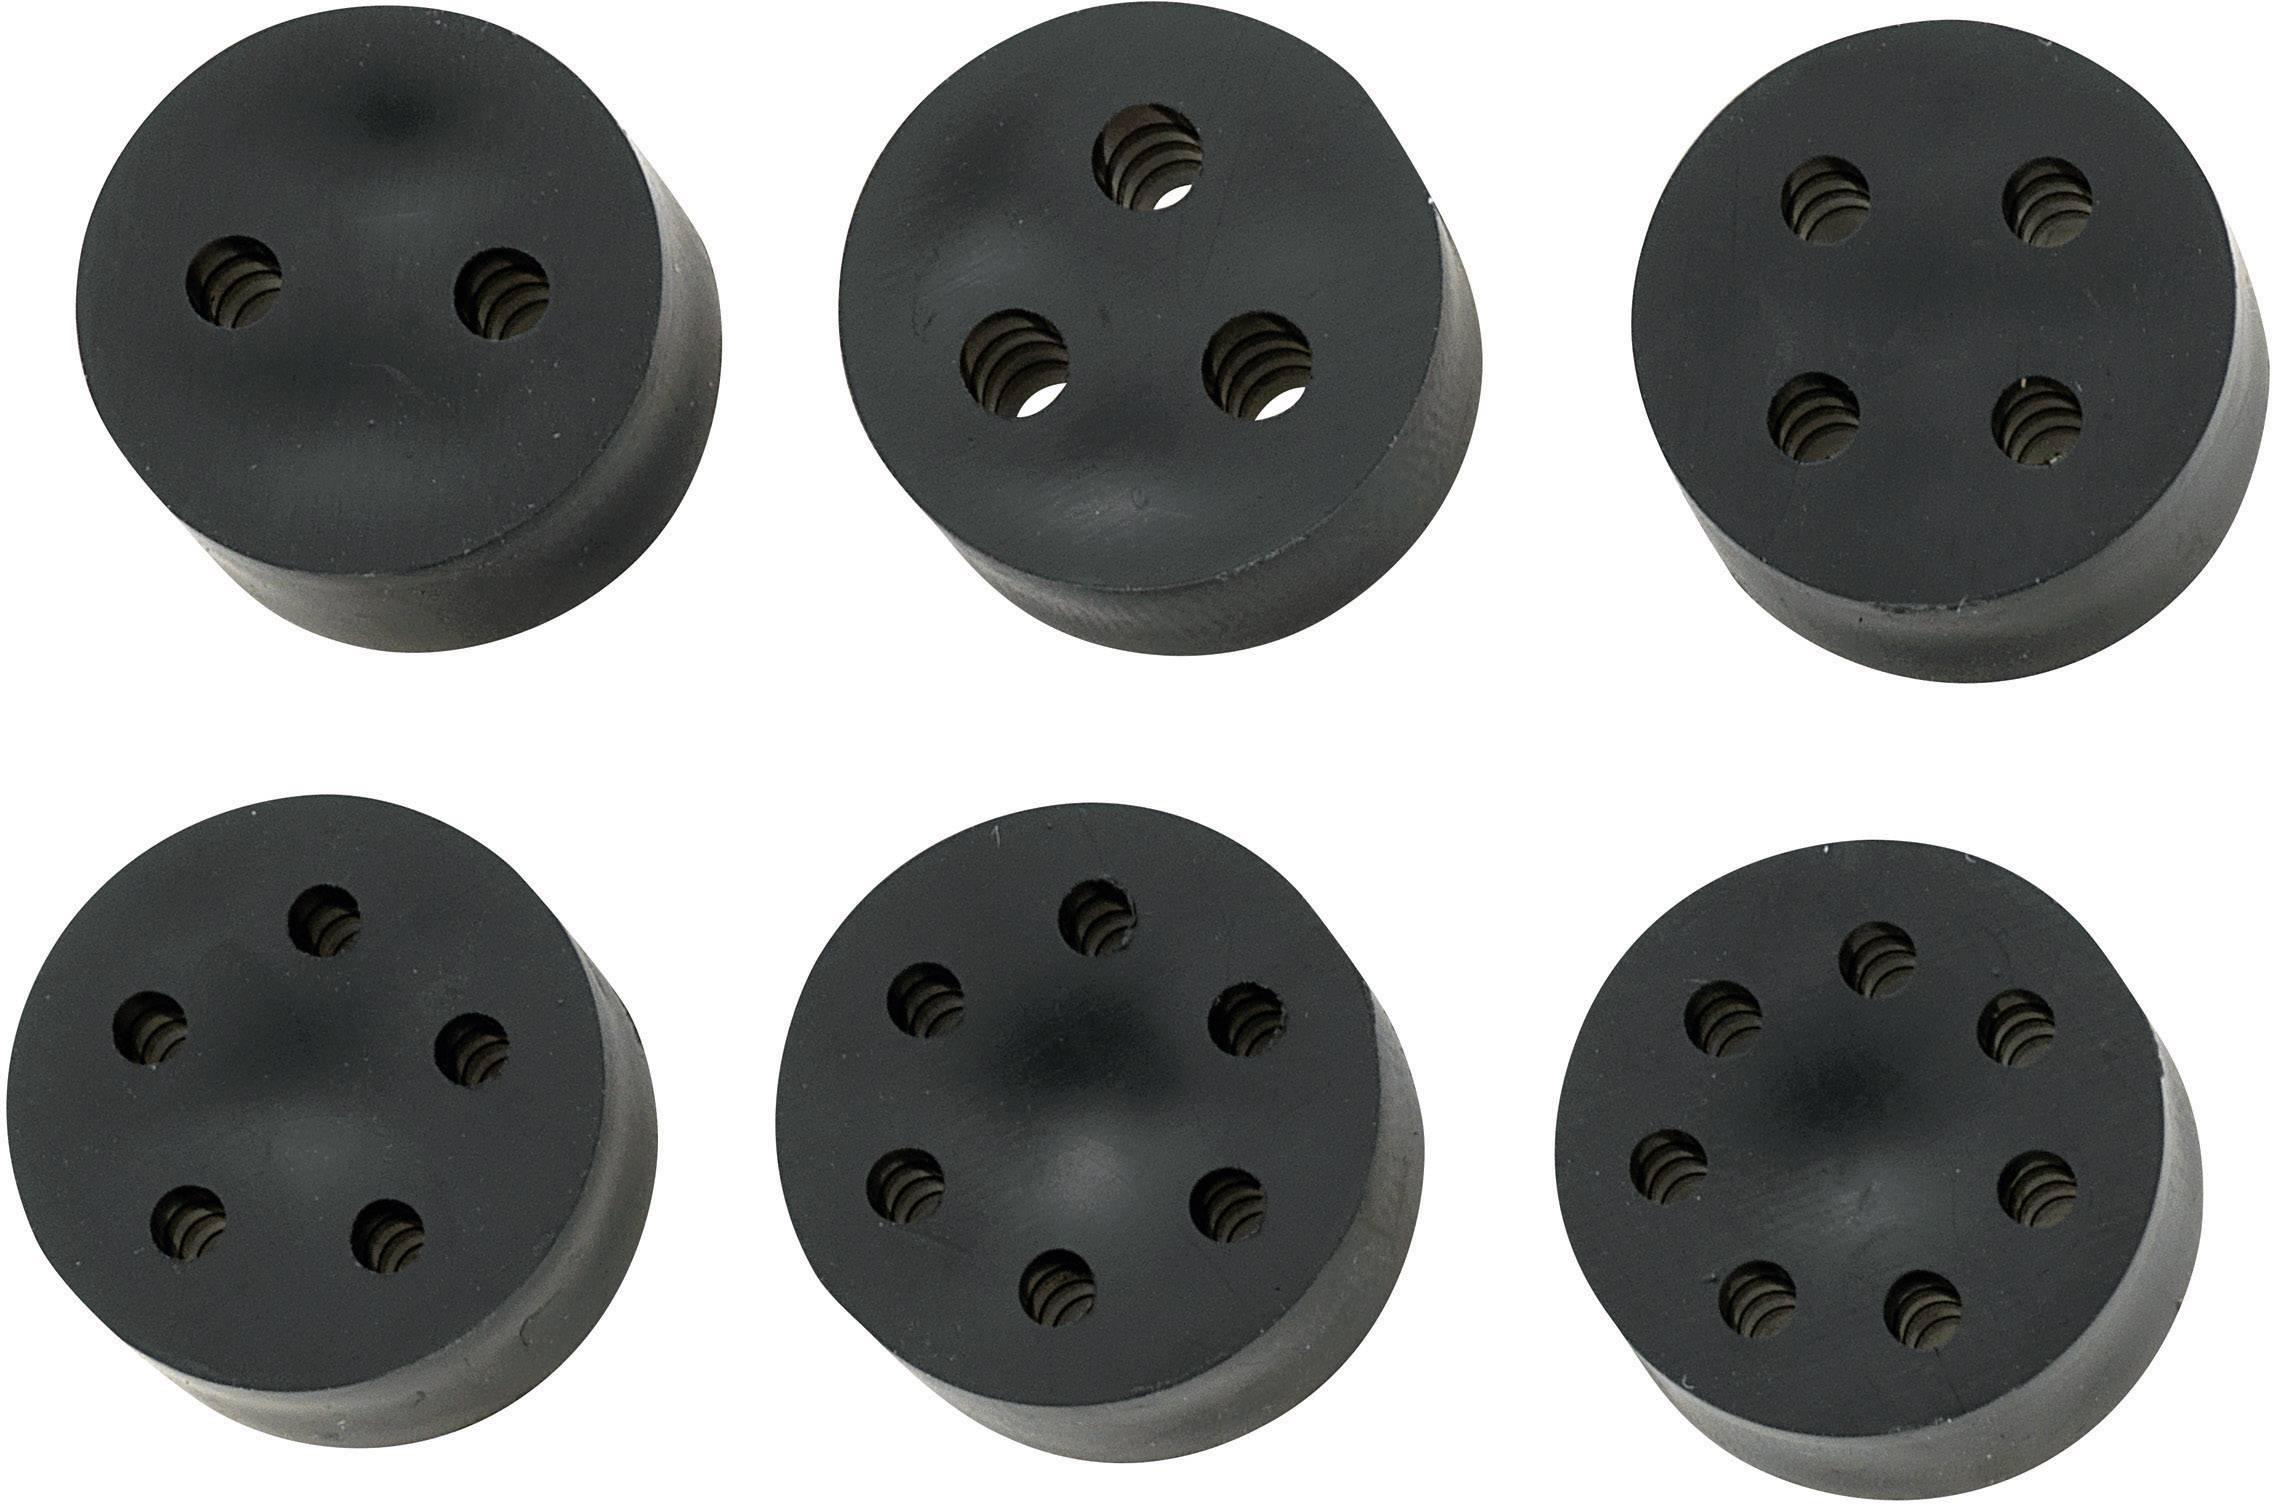 Tesniaca vložka s viacerými priechodmi KSS MH23-4F, M25, guma, 1 ks